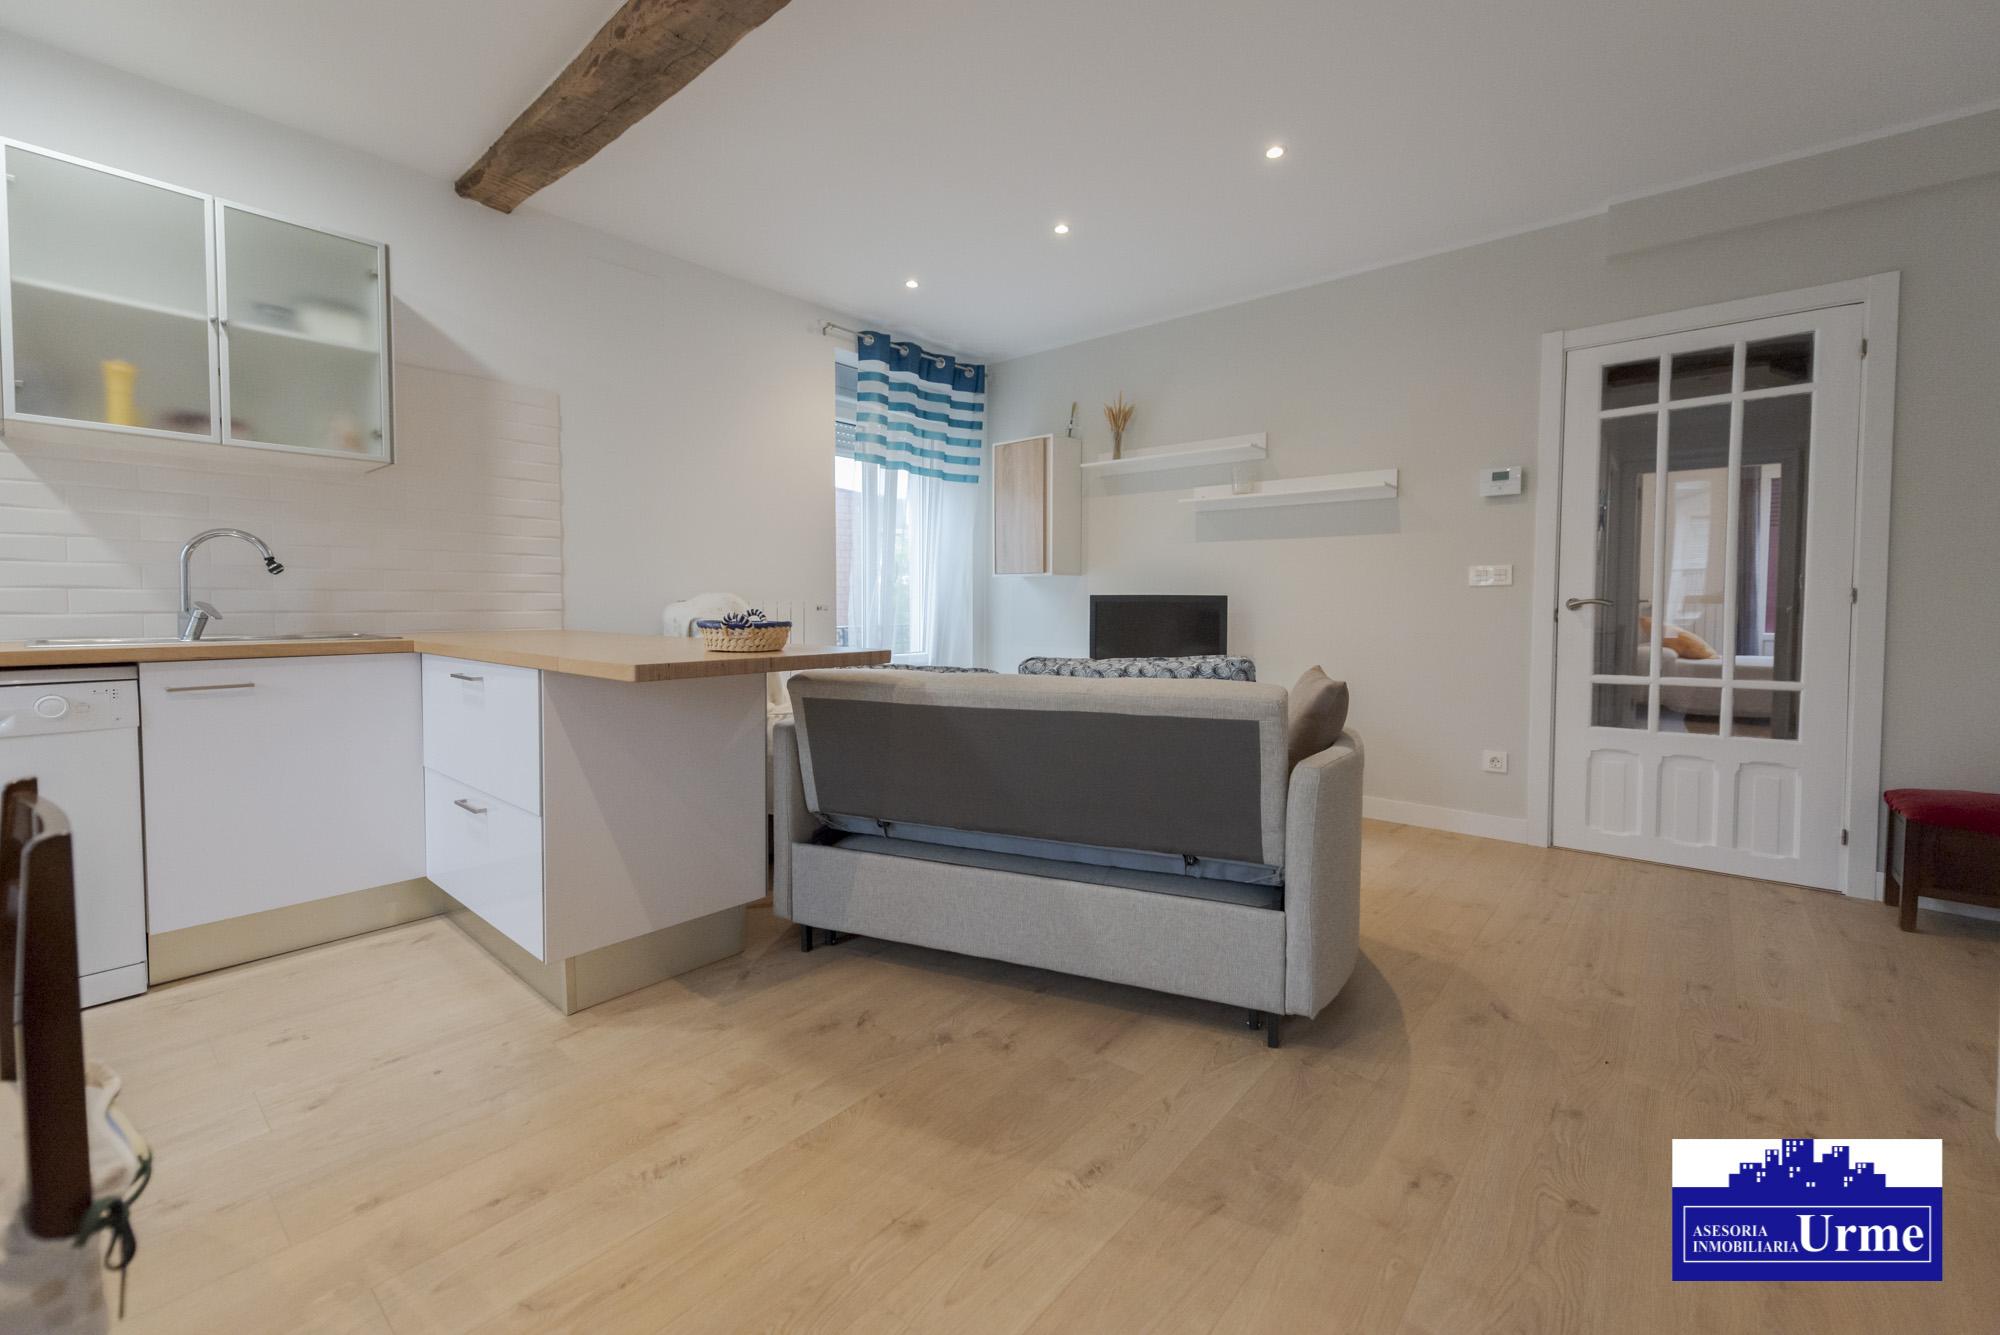 Moderno y funcional.80 m2, 3 dormitorios, exteriores, salon,cocina abierta tipo americana y baño con ducha.Perfecto!!